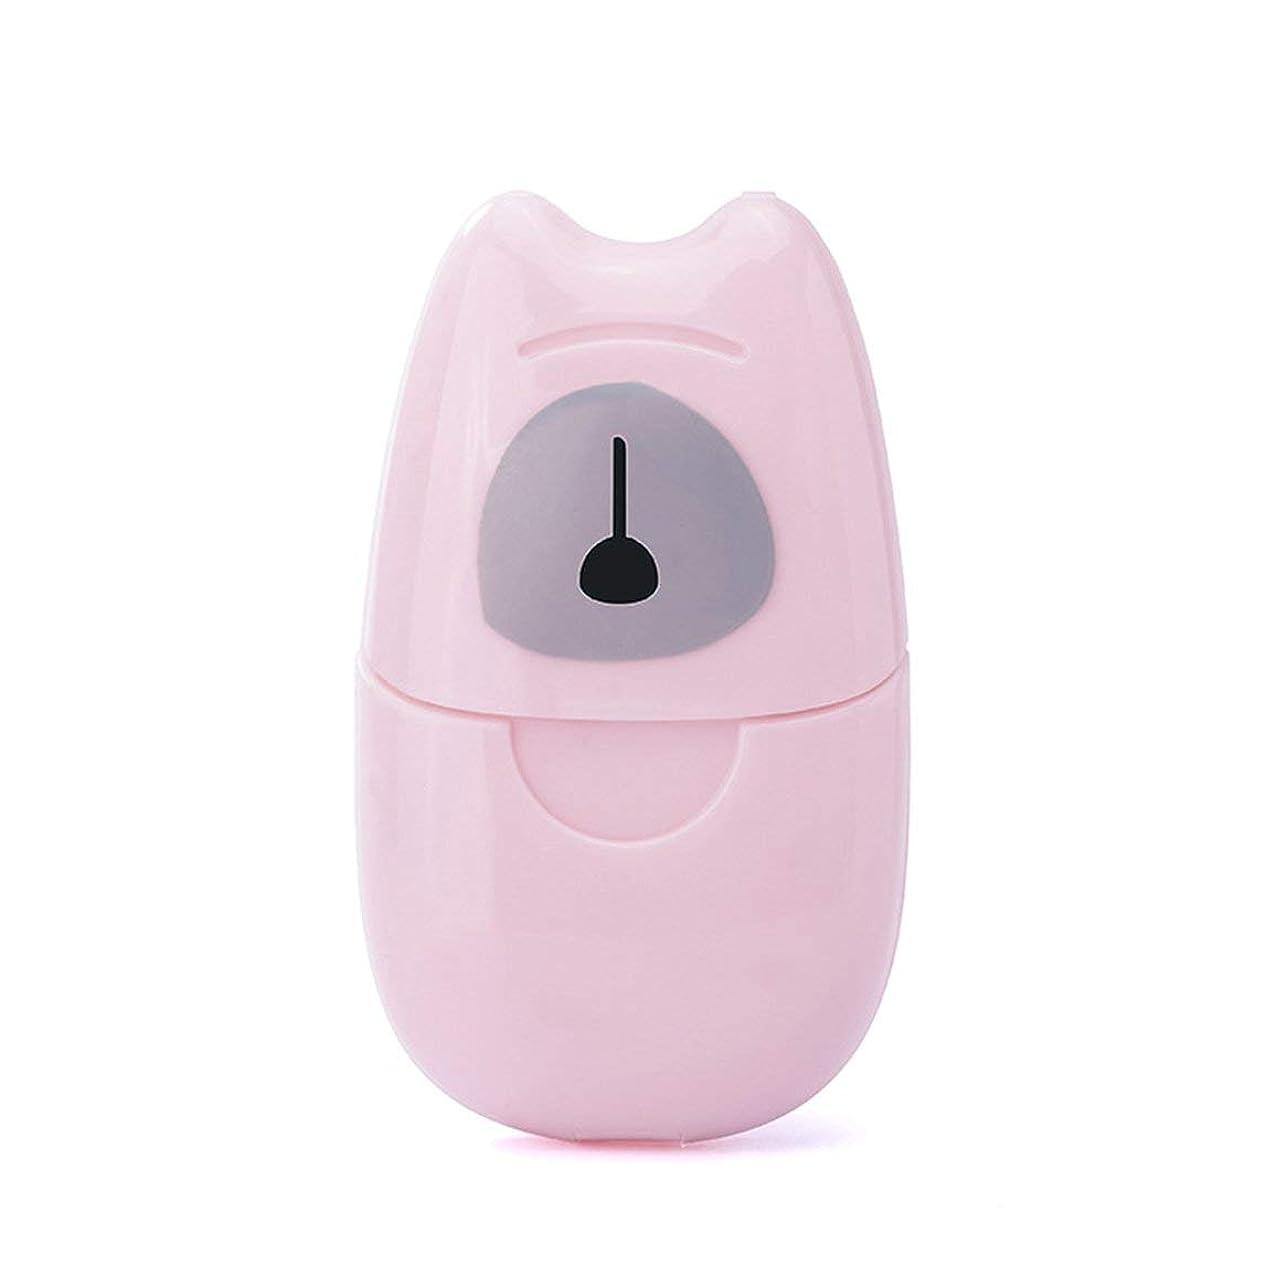 締め切りかりて診断する箱入り石鹸紙旅行ポータブル屋外手洗い石鹸香りスライスシート50ピースミニ石鹸紙でプラスチックボックス - ピンク